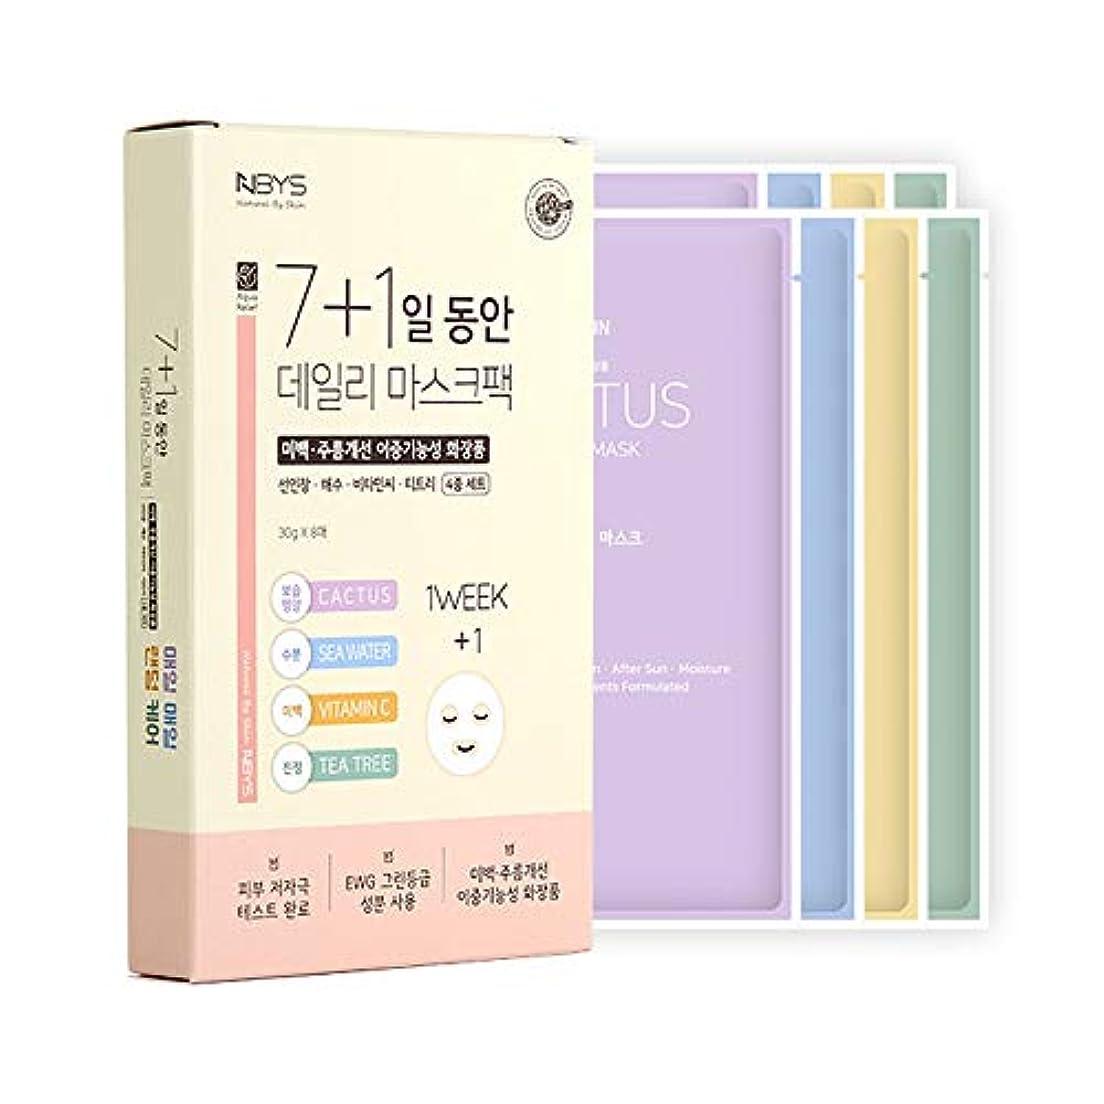 結び目答え申し立て[NBYS] 7+1 NBYS RE Your Skin Mask フェイスパック 8枚セット [並行輸入品]